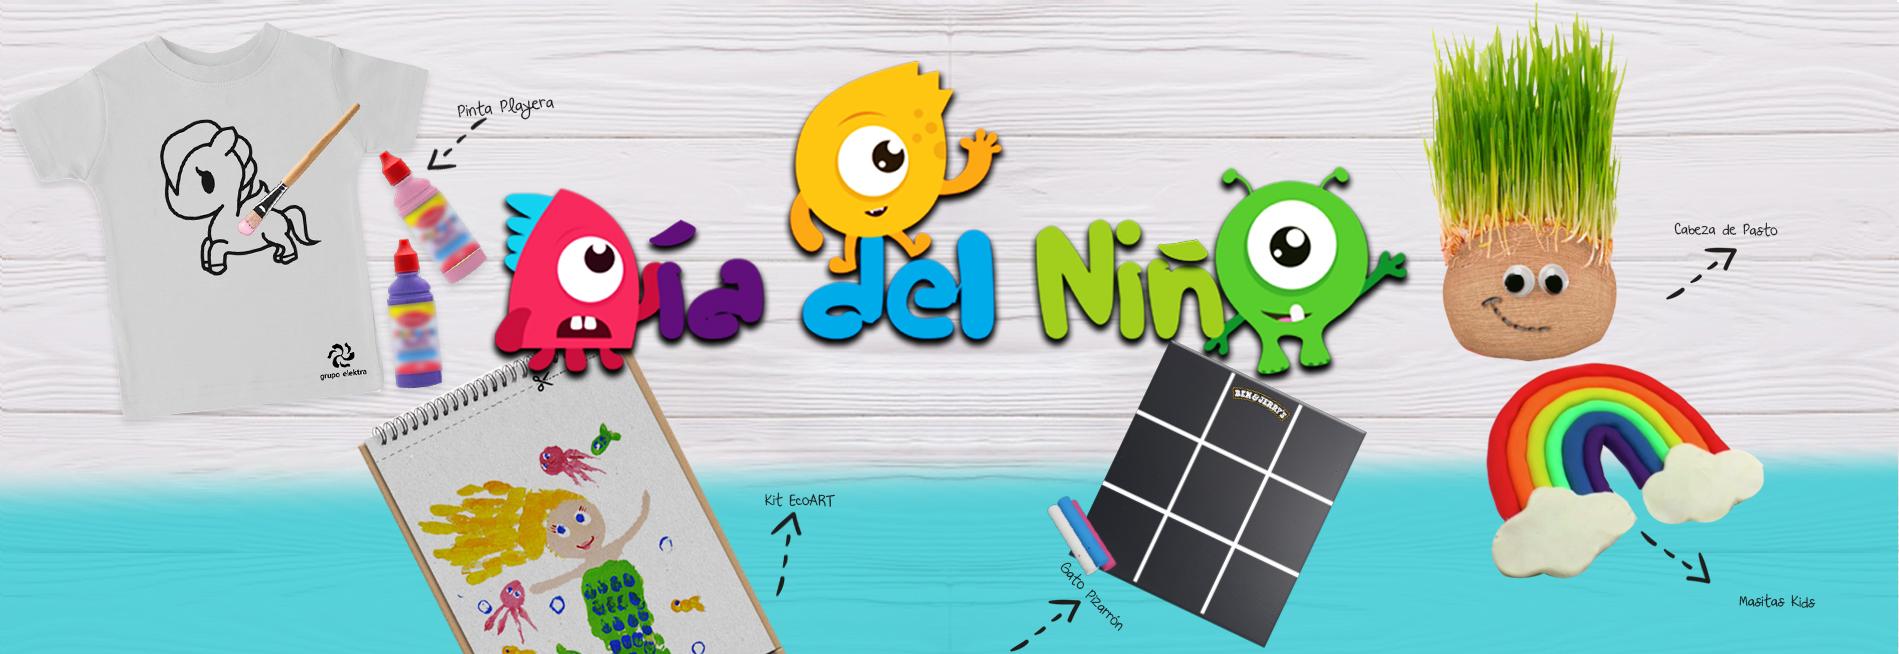 BANNER-DIA-DEL-NIO-3